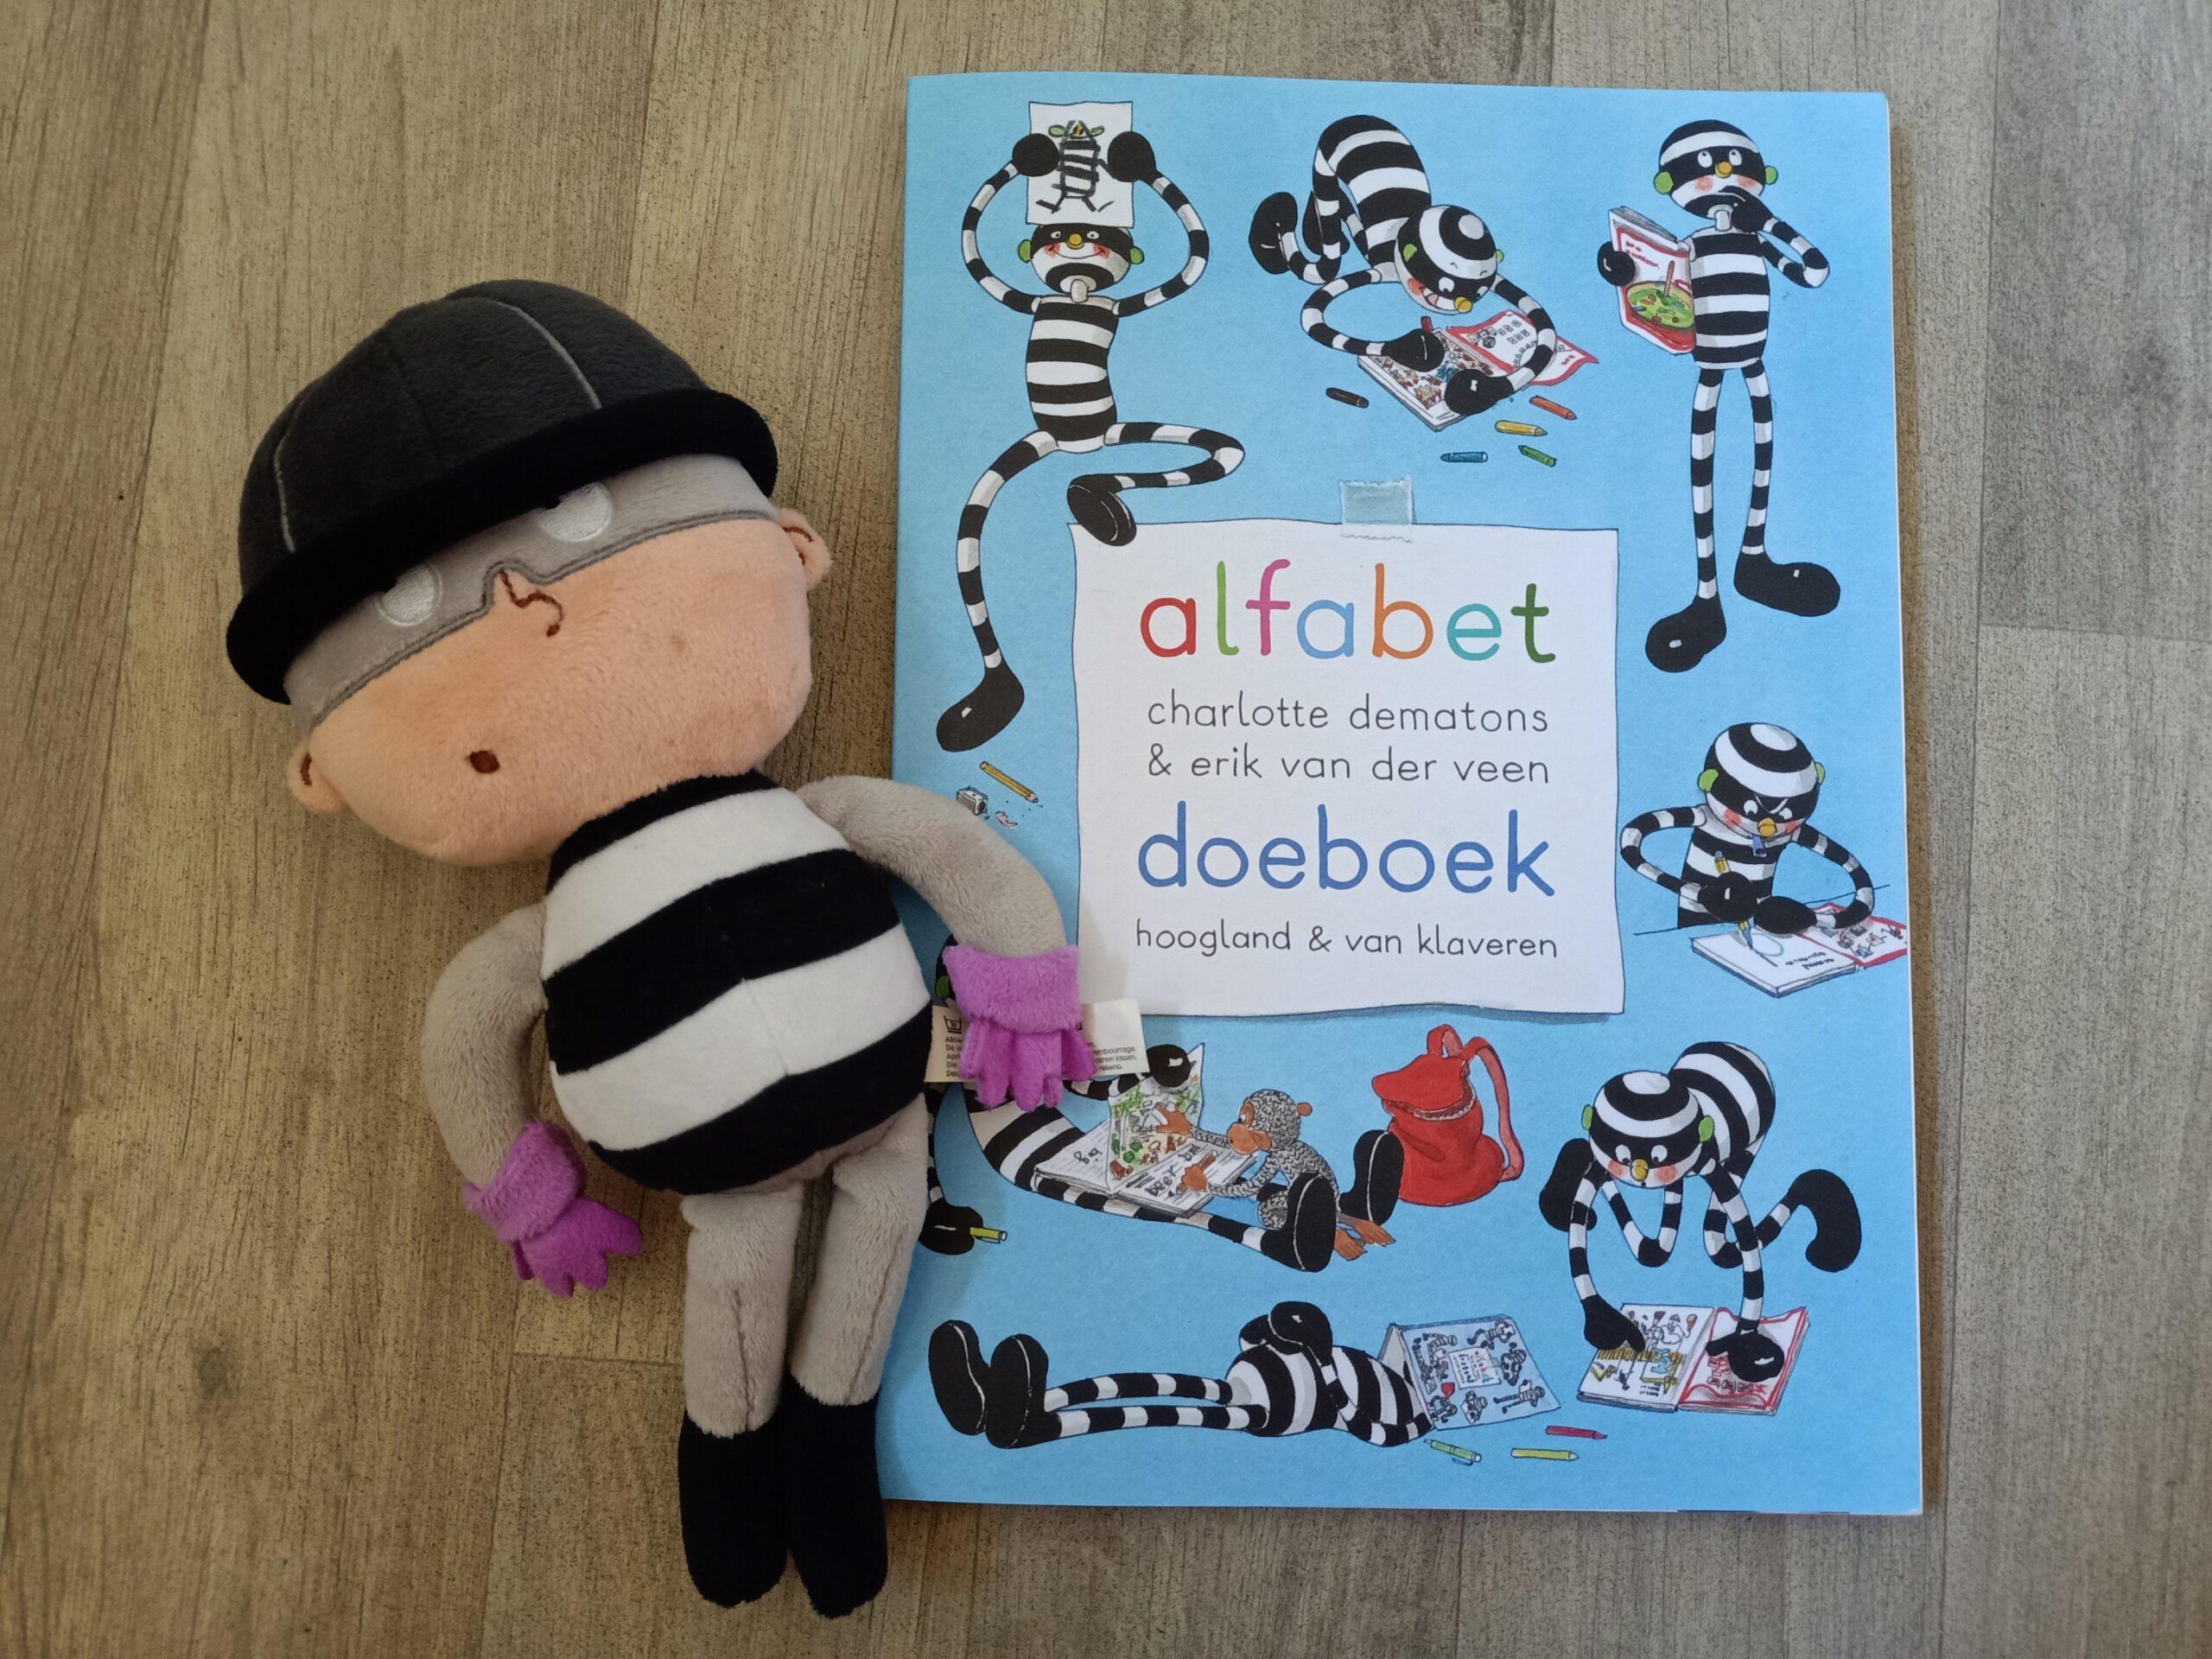 Het alfabet doeboek helpt bij letterherkenning